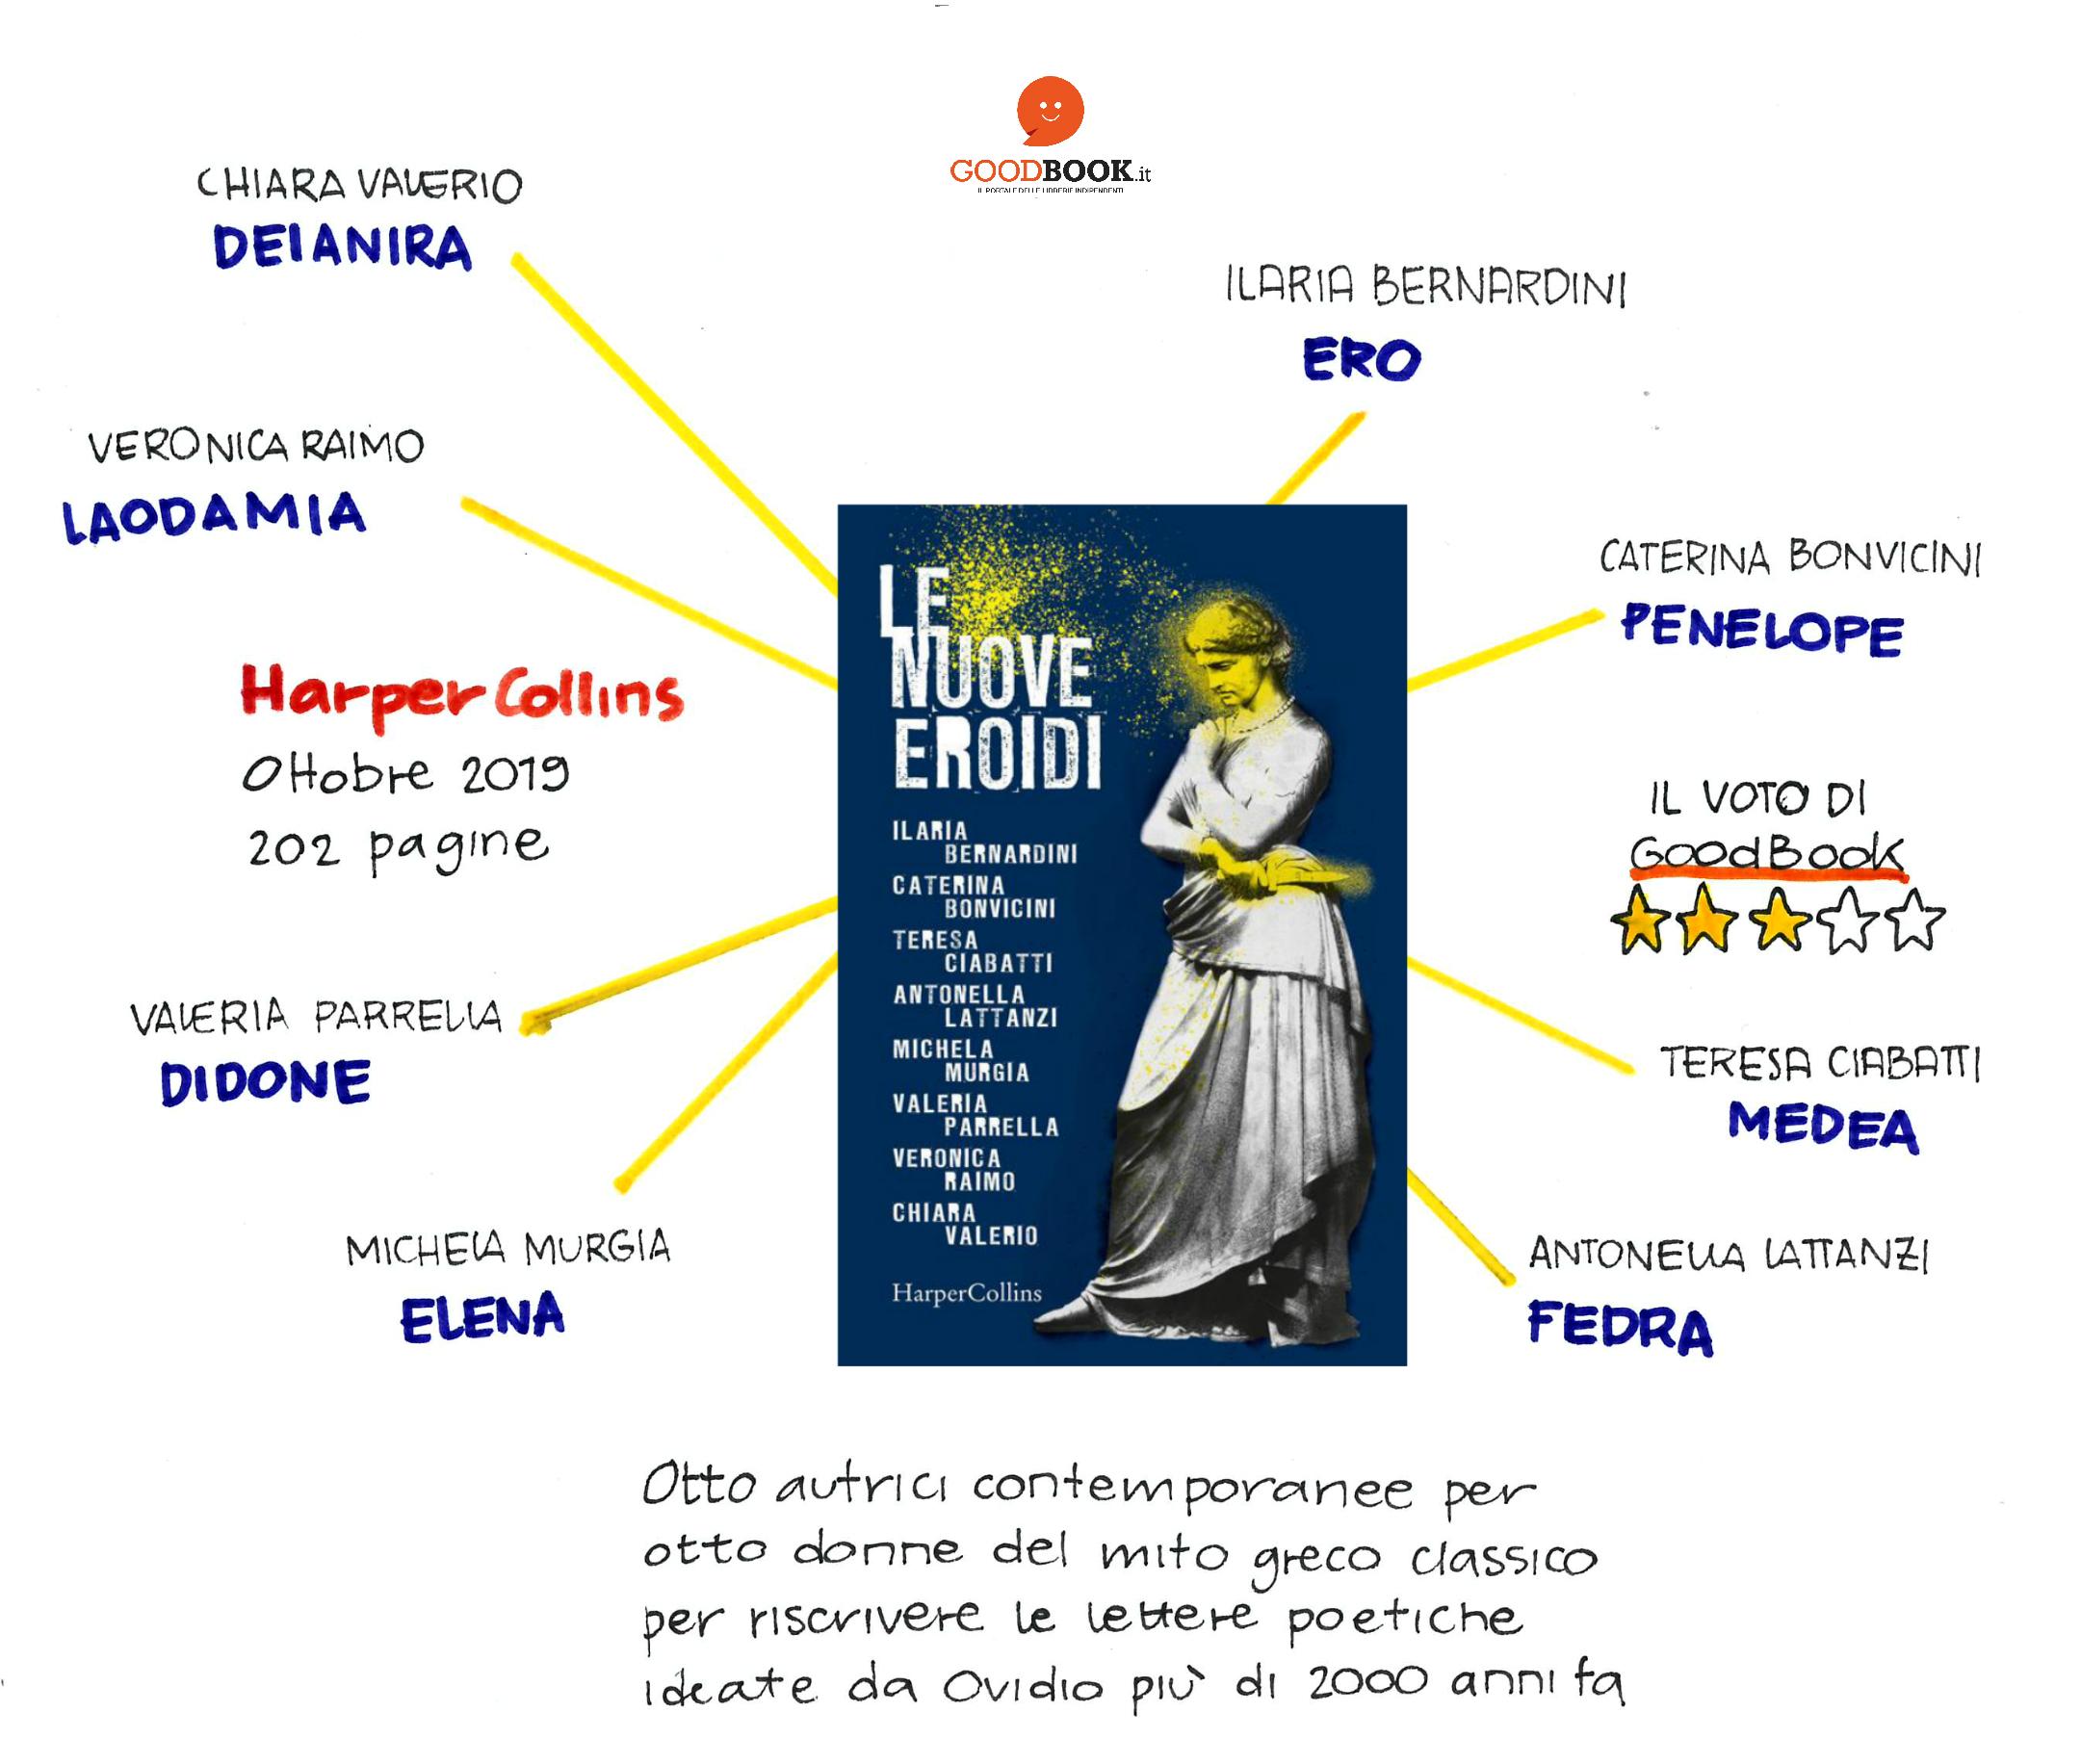 Le nuove Eroidi - AAVV | GoodBook.it